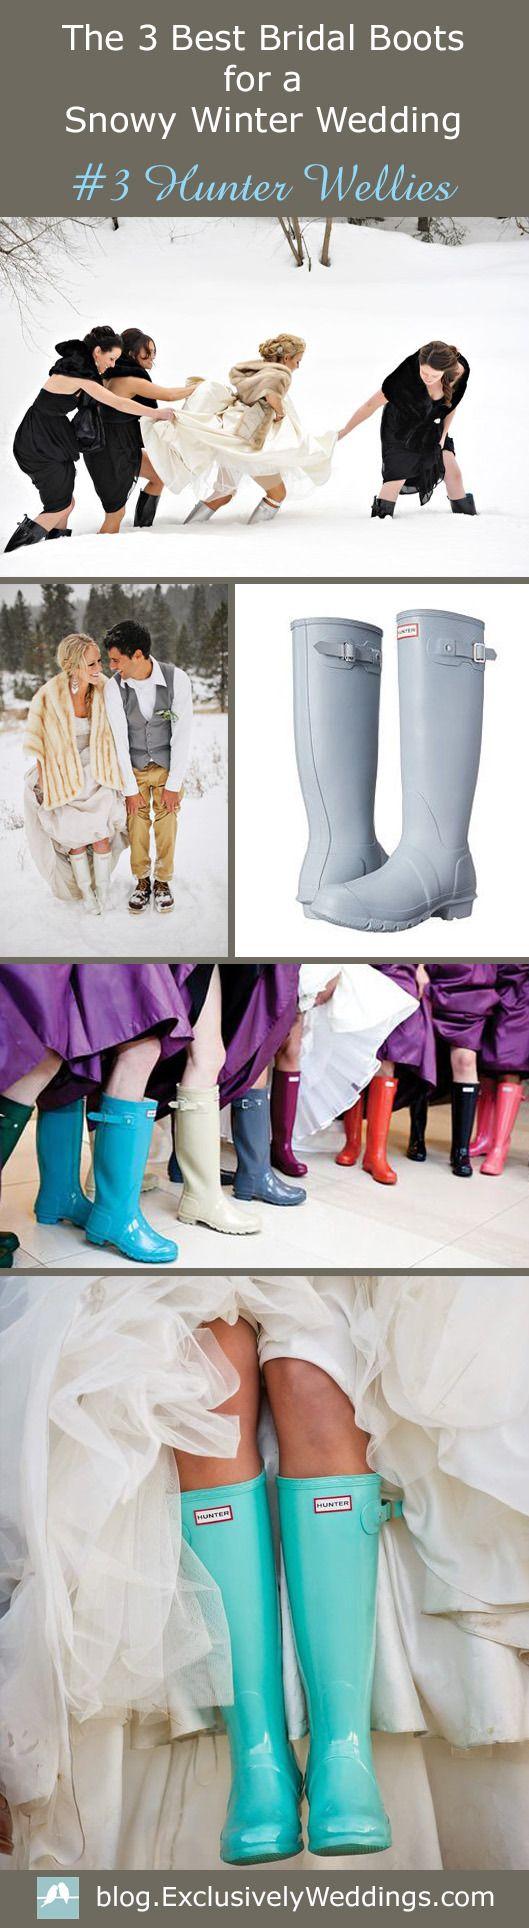 c5553cc01cb5d7b924a7466d717c87bd - stiefel hochzeit winter 15 beste Outfits